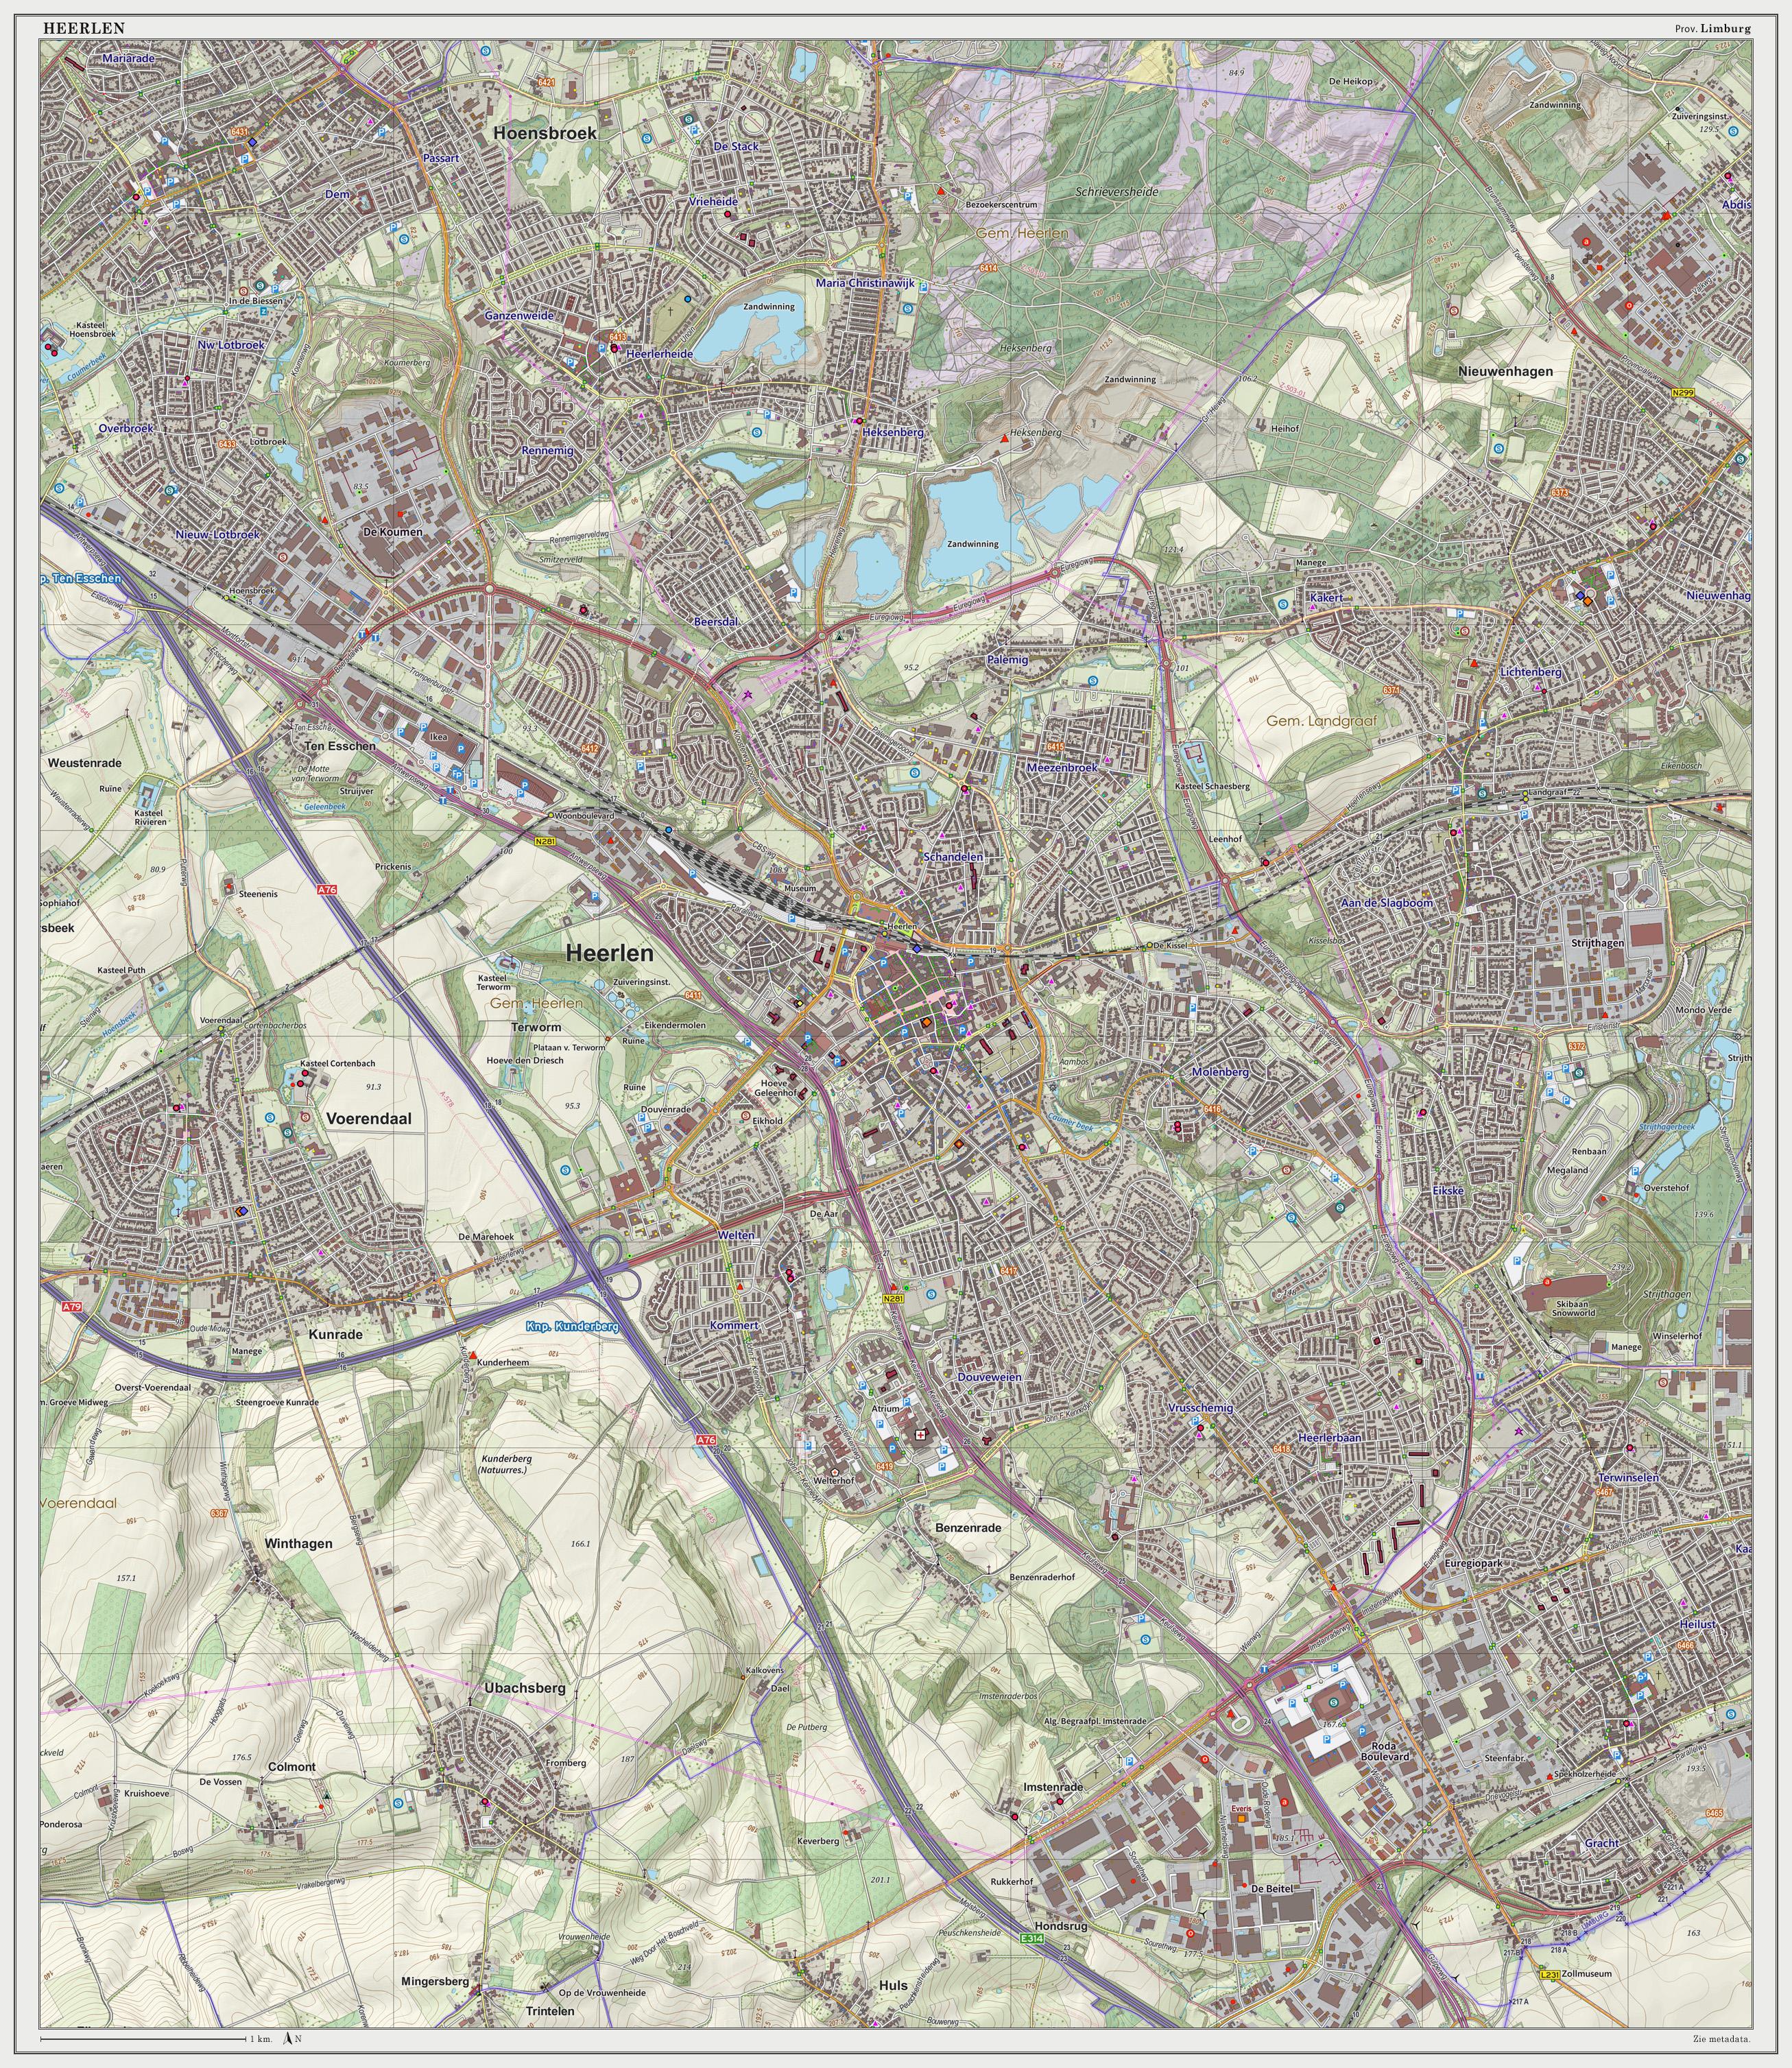 FileHeerlenplaatsOpenTopojpg Wikimedia Commons